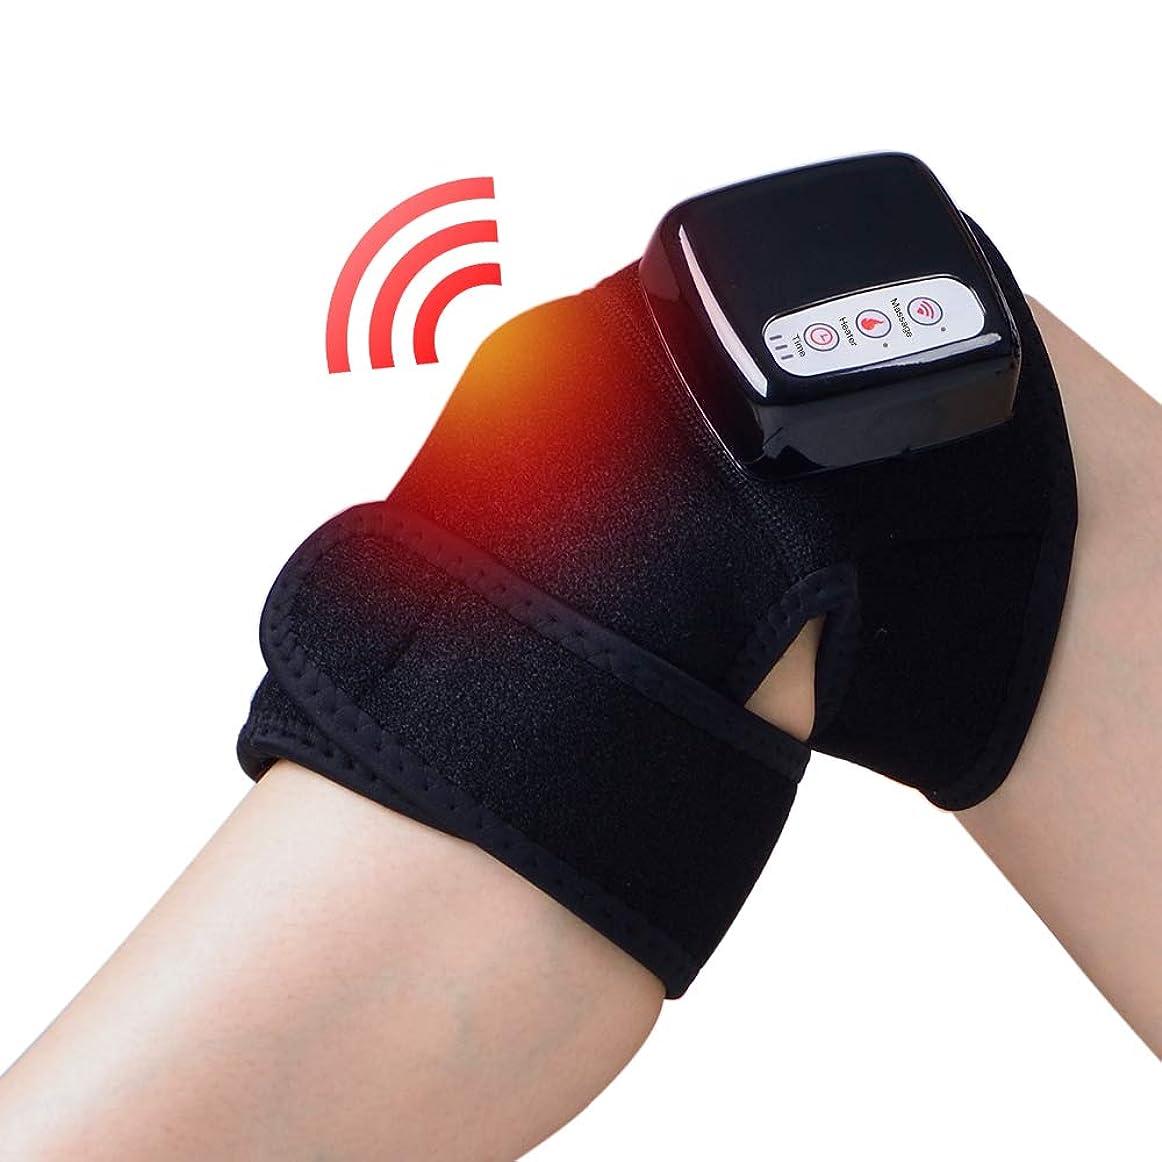 提供する抵抗力がある海上Chuangyue 膝関節加熱マッサージ マッサージ器 フットマッサージャー ひざ マッサージャー 振動 赤外線療法 温熱療法 膝サポーター ストレス解消 膝マット 太もも/腕対応